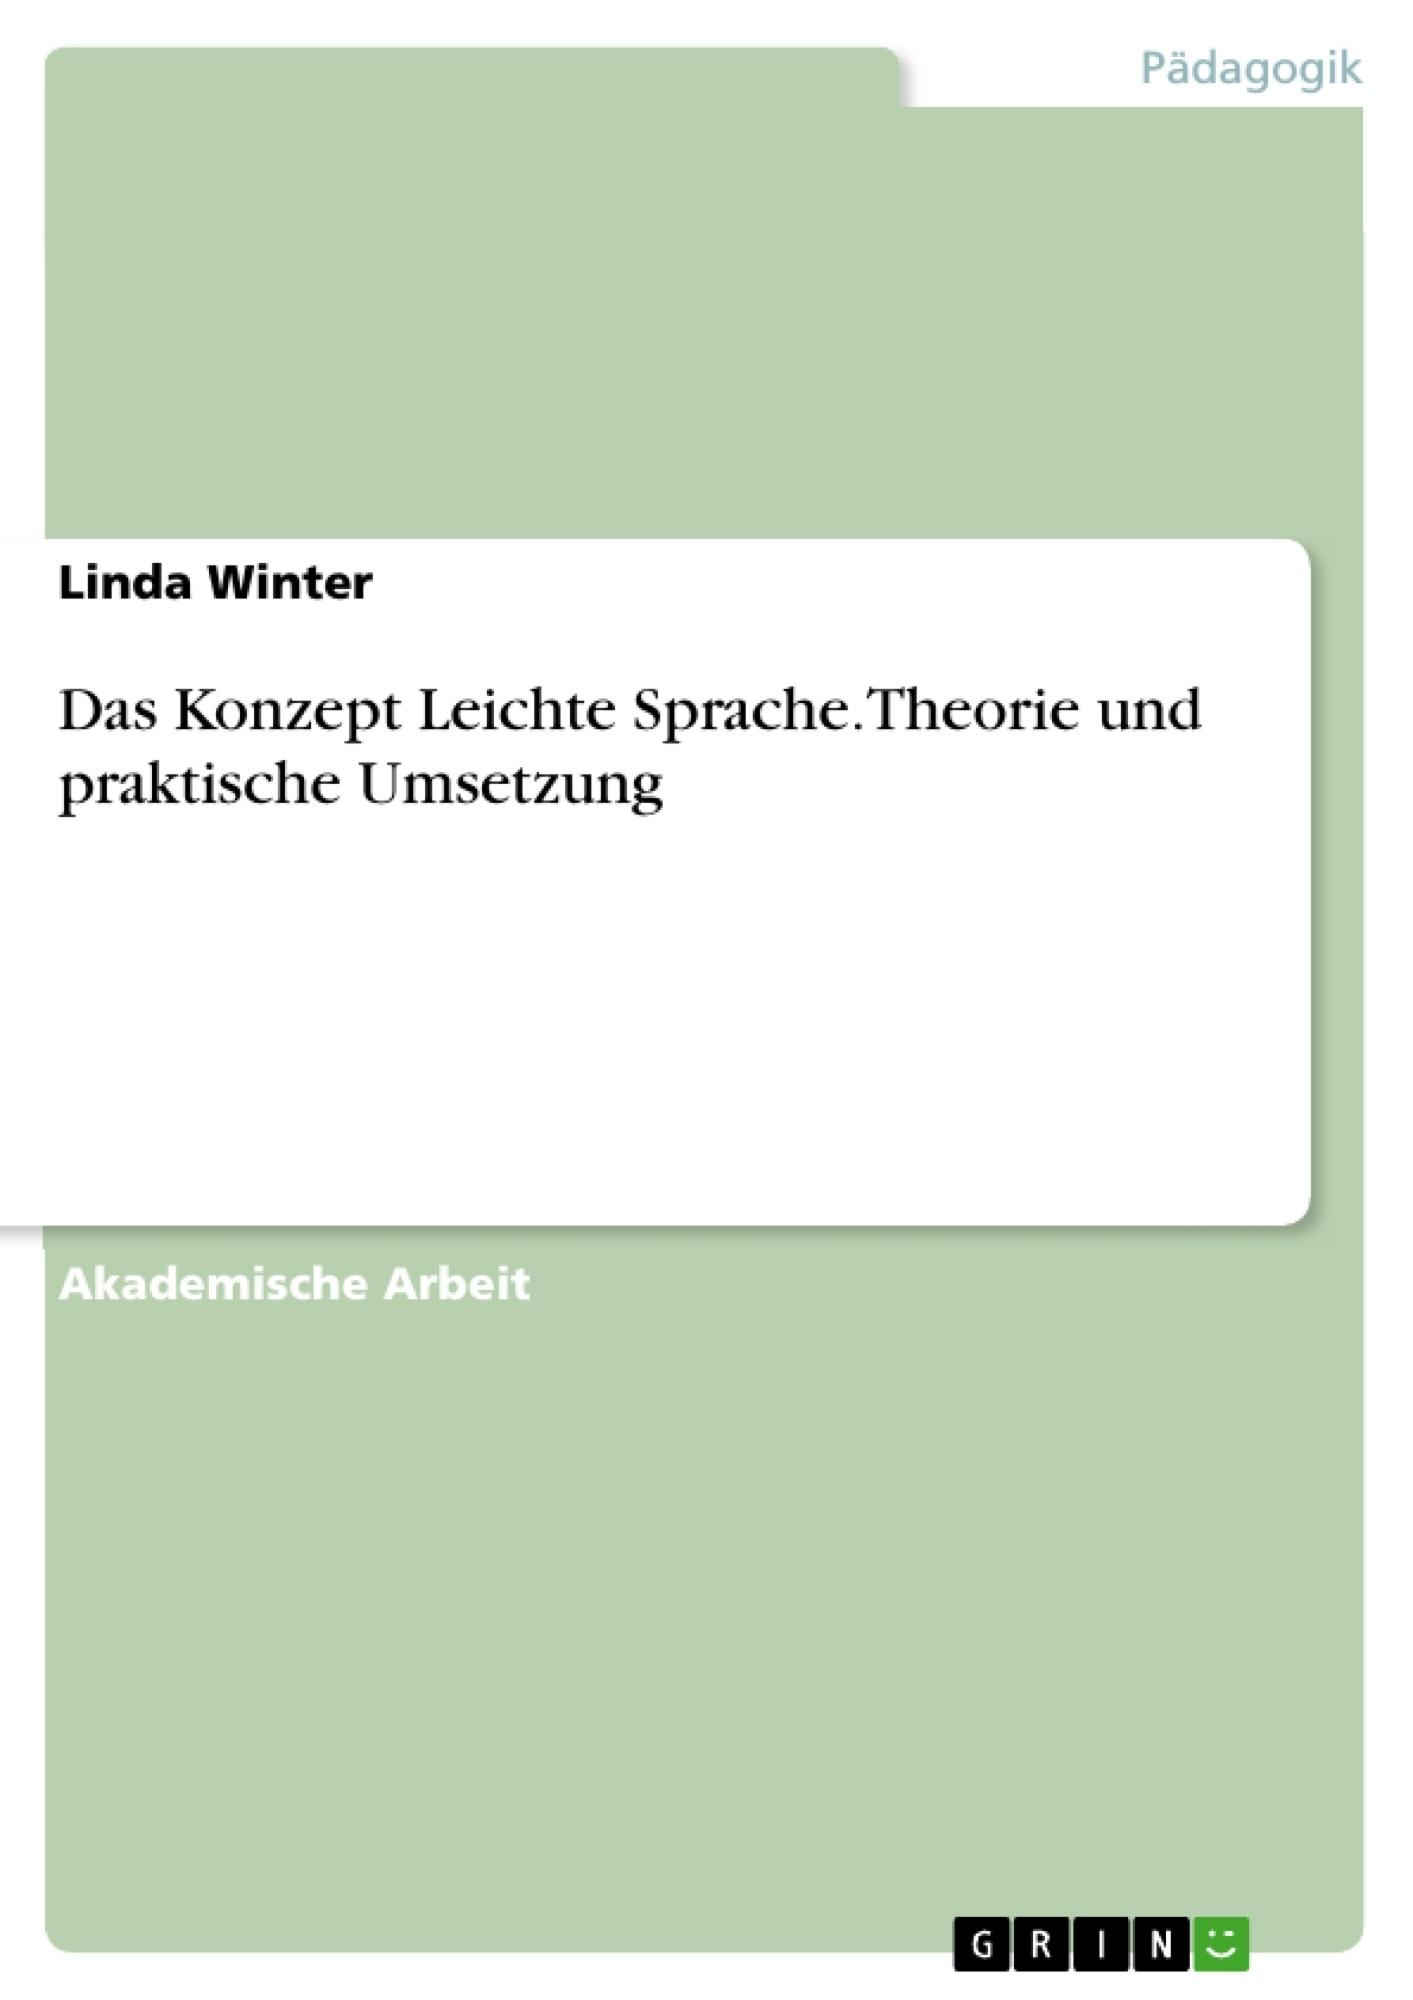 Titel: Das Konzept Leichte Sprache. Theorie und praktische Umsetzung